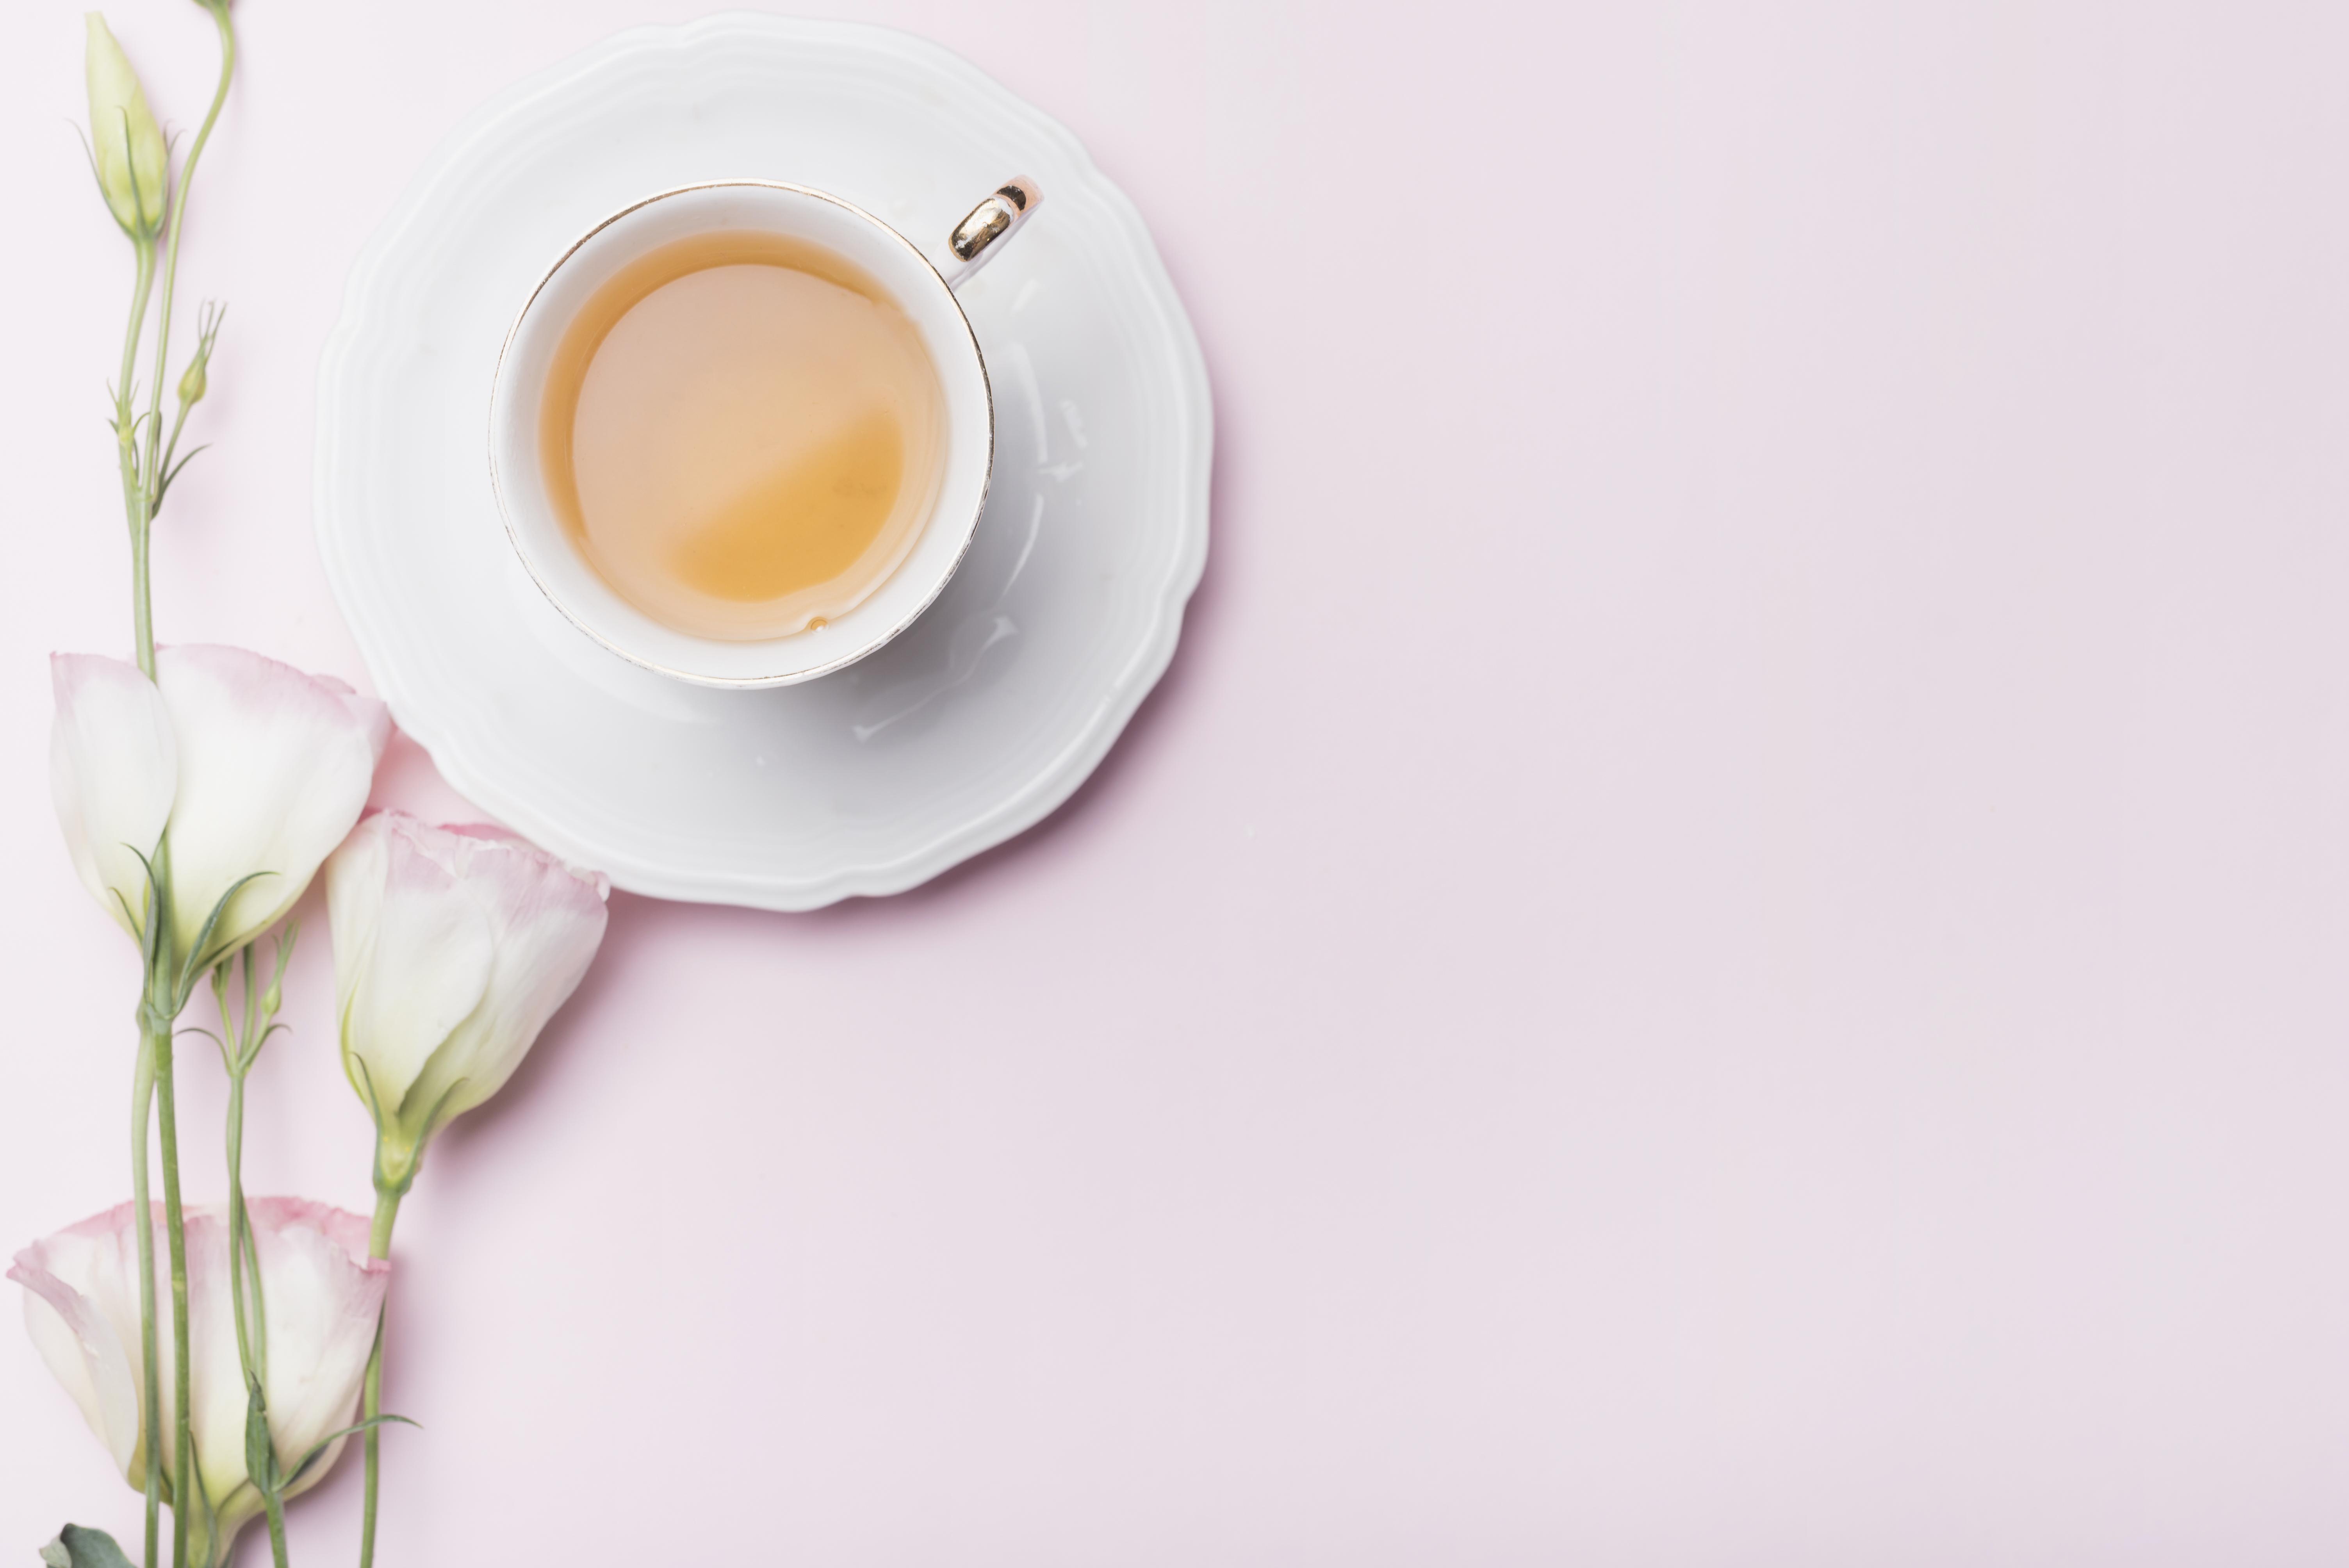 Weiße Teetasse neben weißer Blume